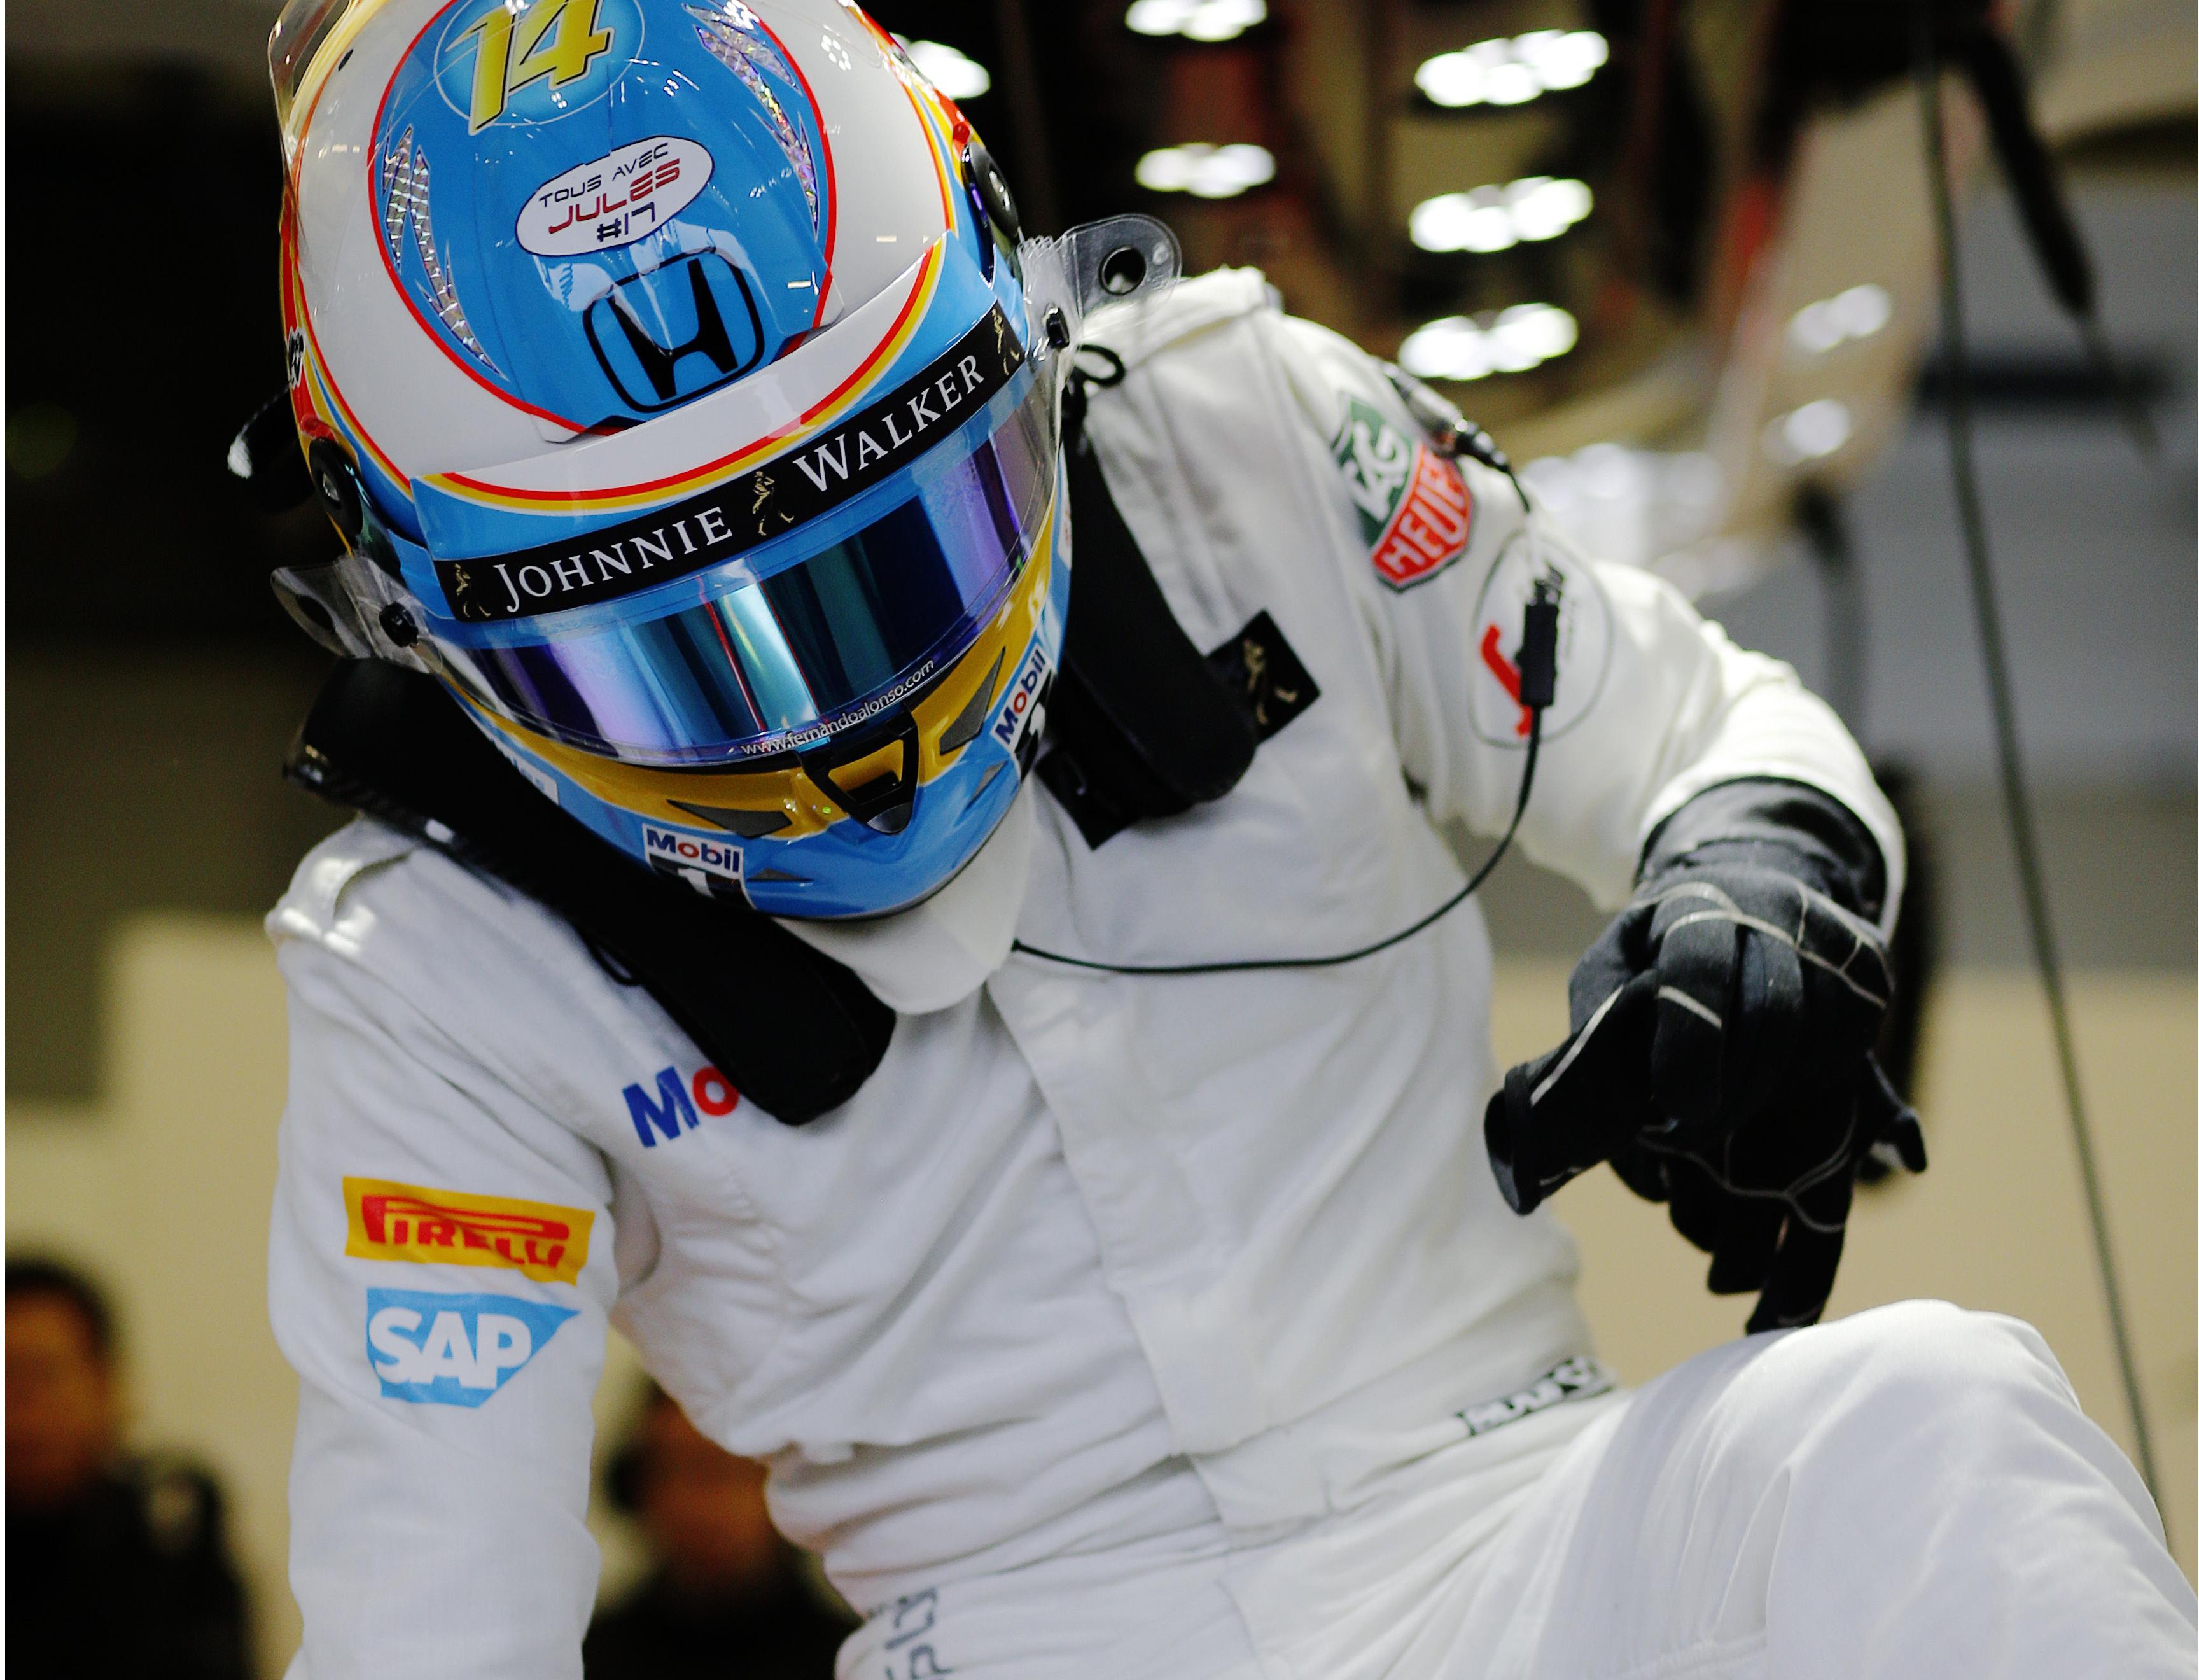 F1 e sicurezza: norme sull'abbigliamento con Sparco